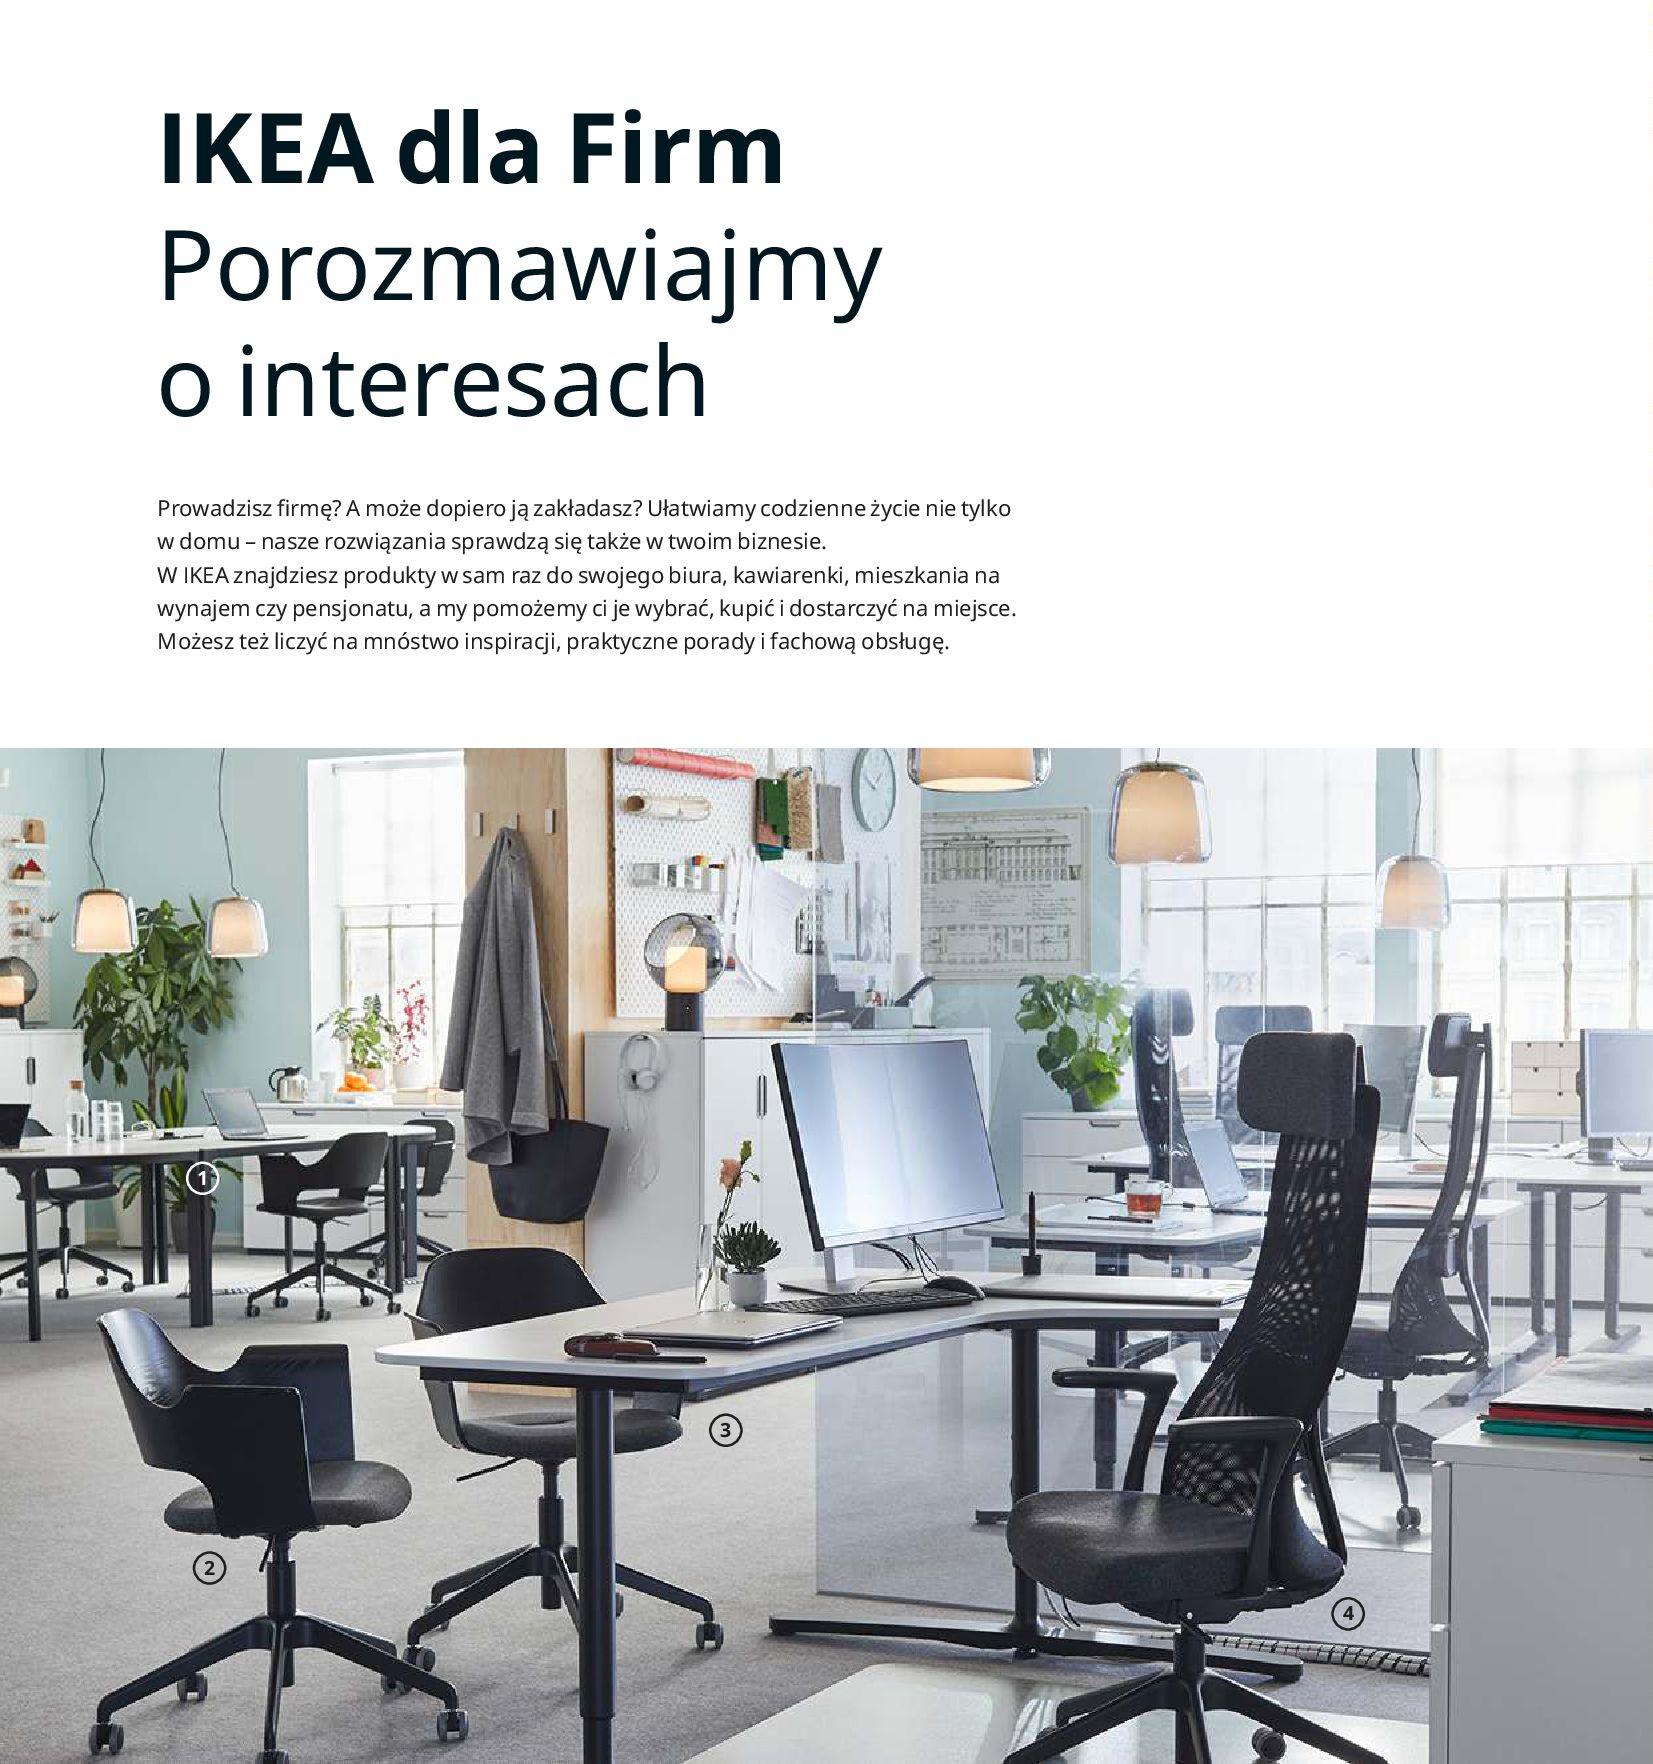 Gazetka IKEA - Katalog IKEA 2020-25.08.2019-31.07.2020-page-284